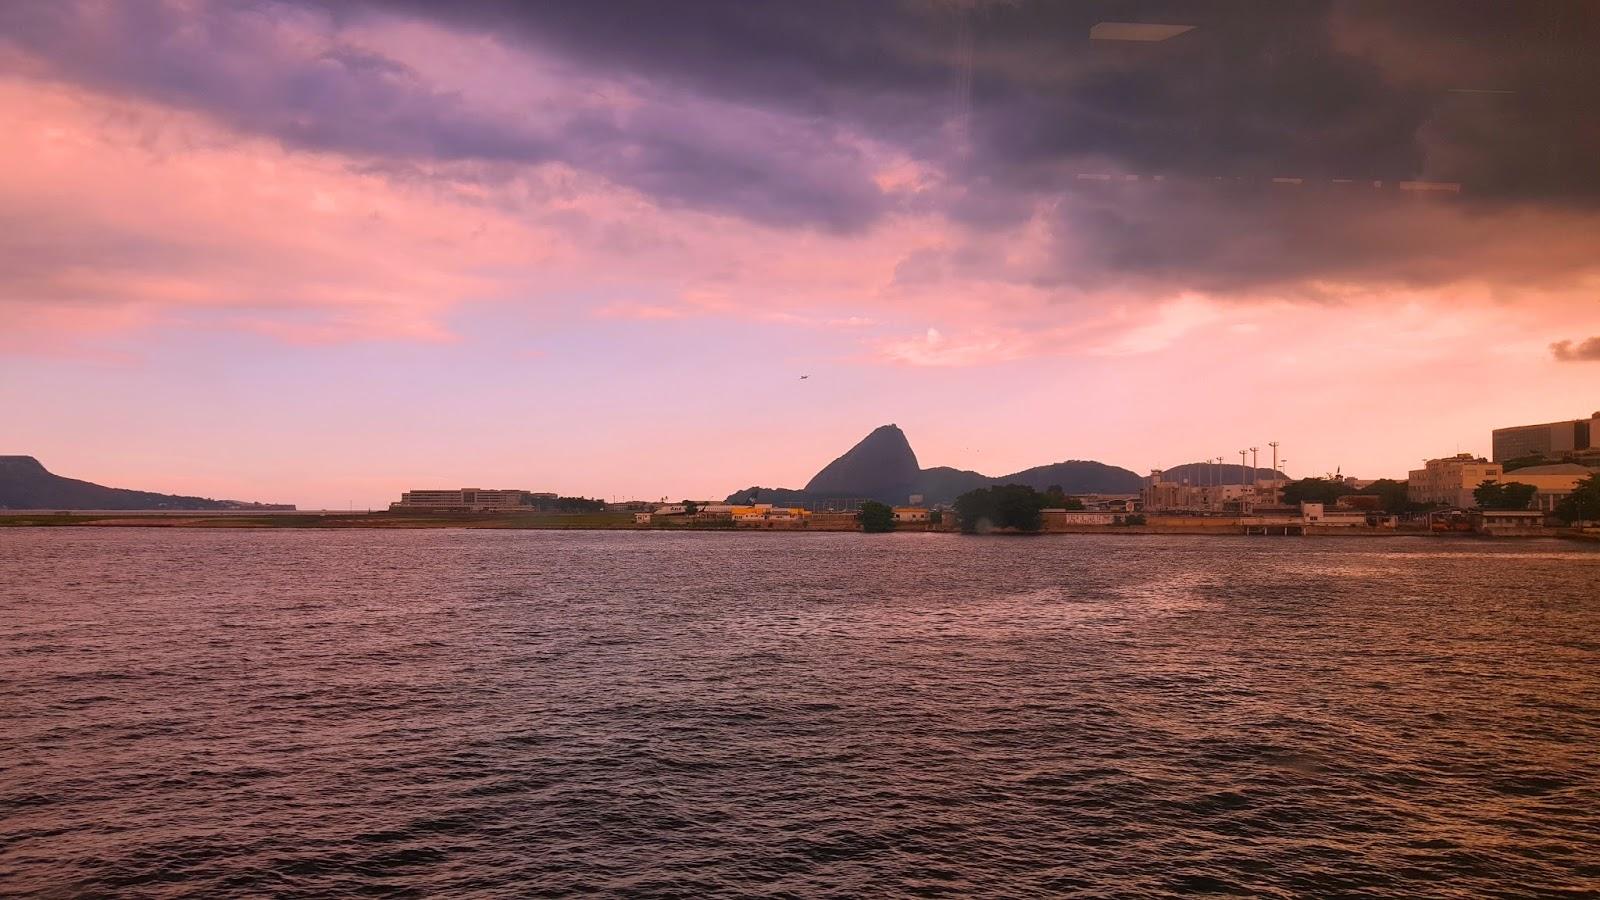 pao-de-acucar-visto-da-barca-Rio-Niteroi